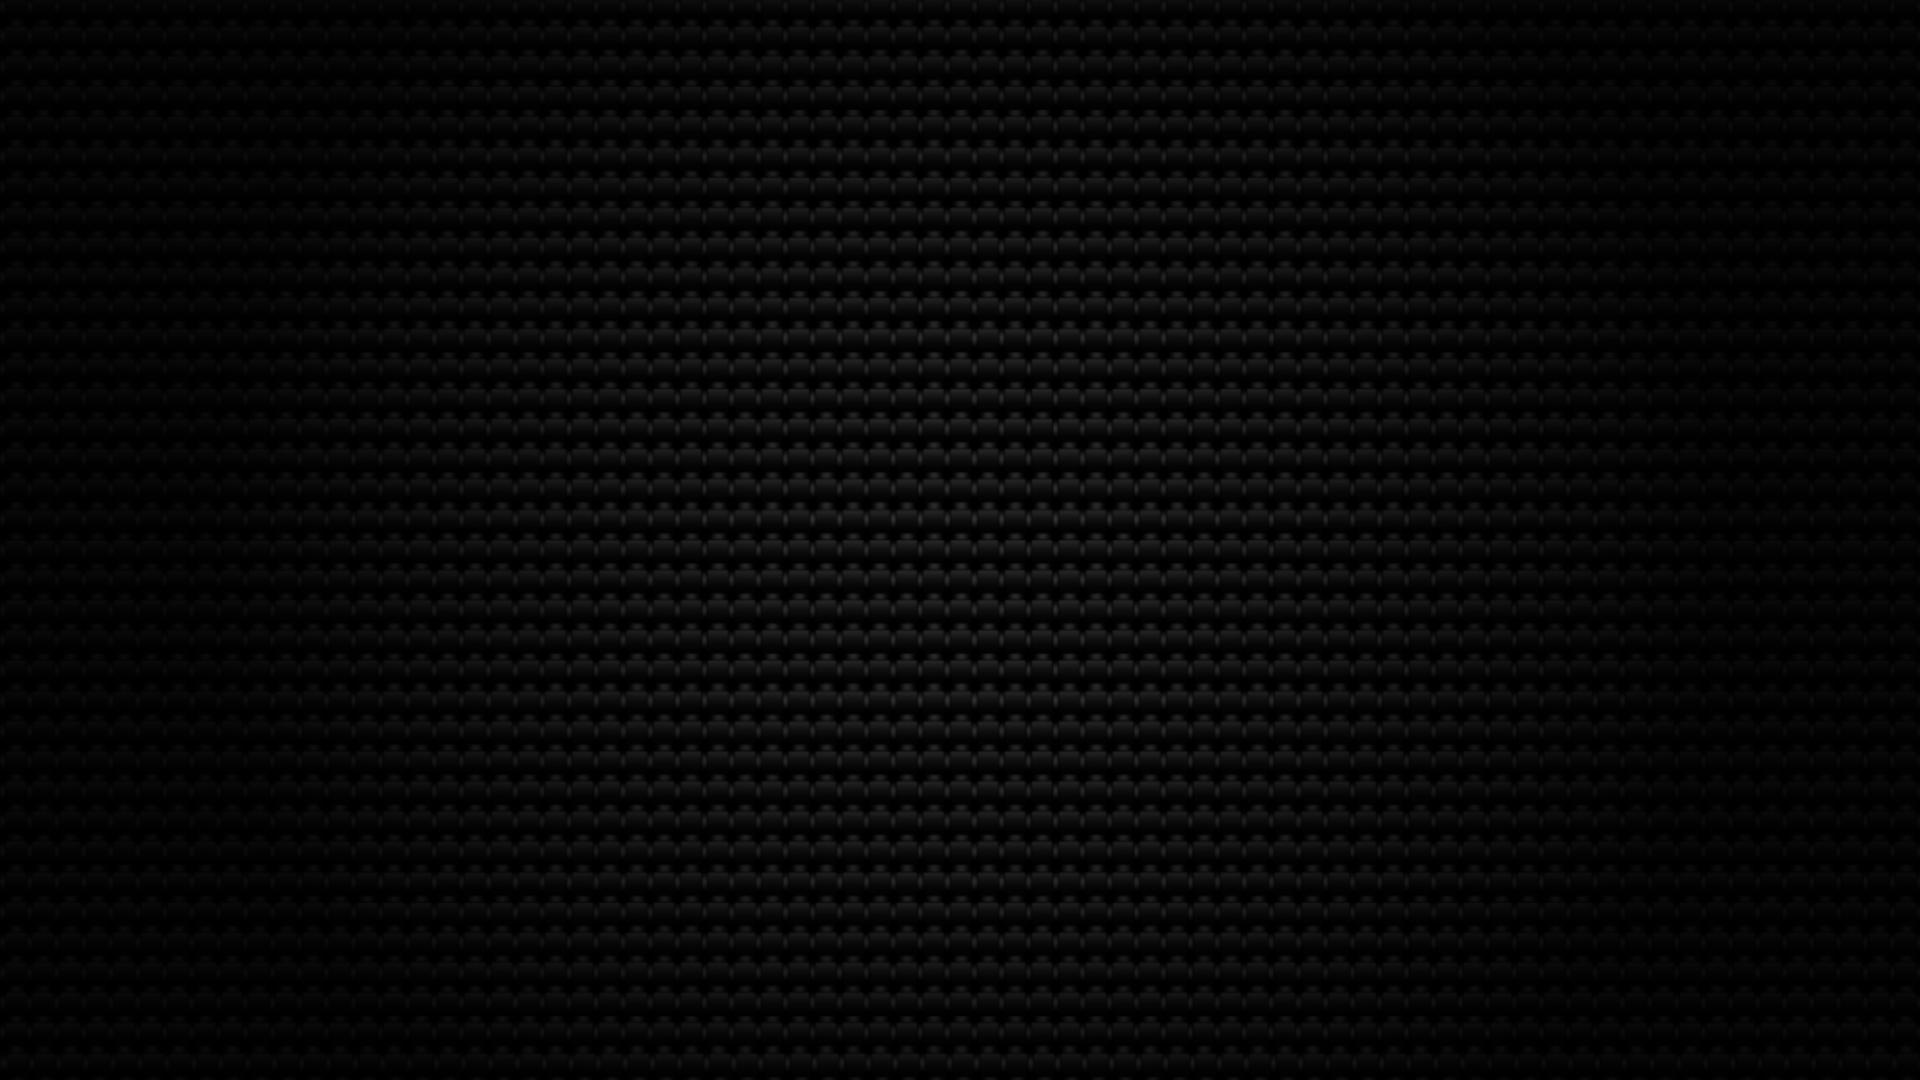 Real Carbon Fiber Wallpaper ... carbon fibe...